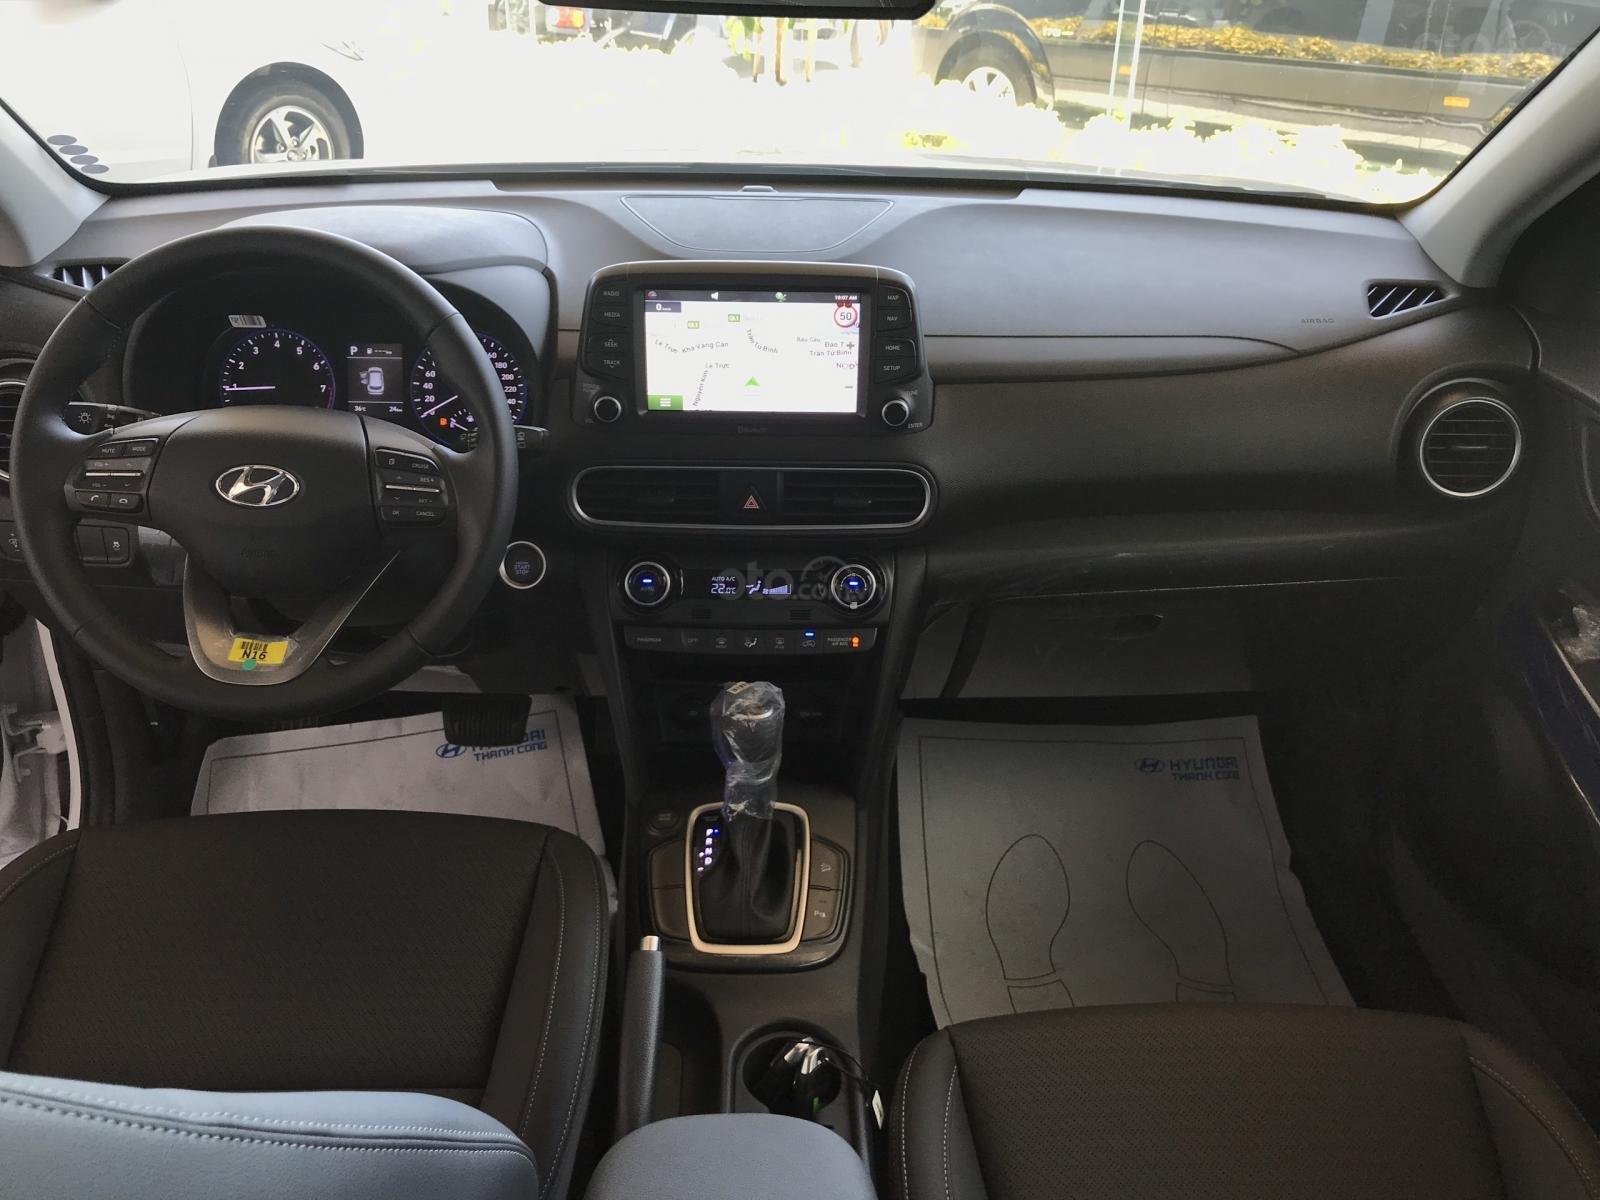 Cần bán Hyundai Kona 2019, tặng ngay 3 món phụ kiện khi đặt cọc xe, liên hệ: 0905976950 (4)